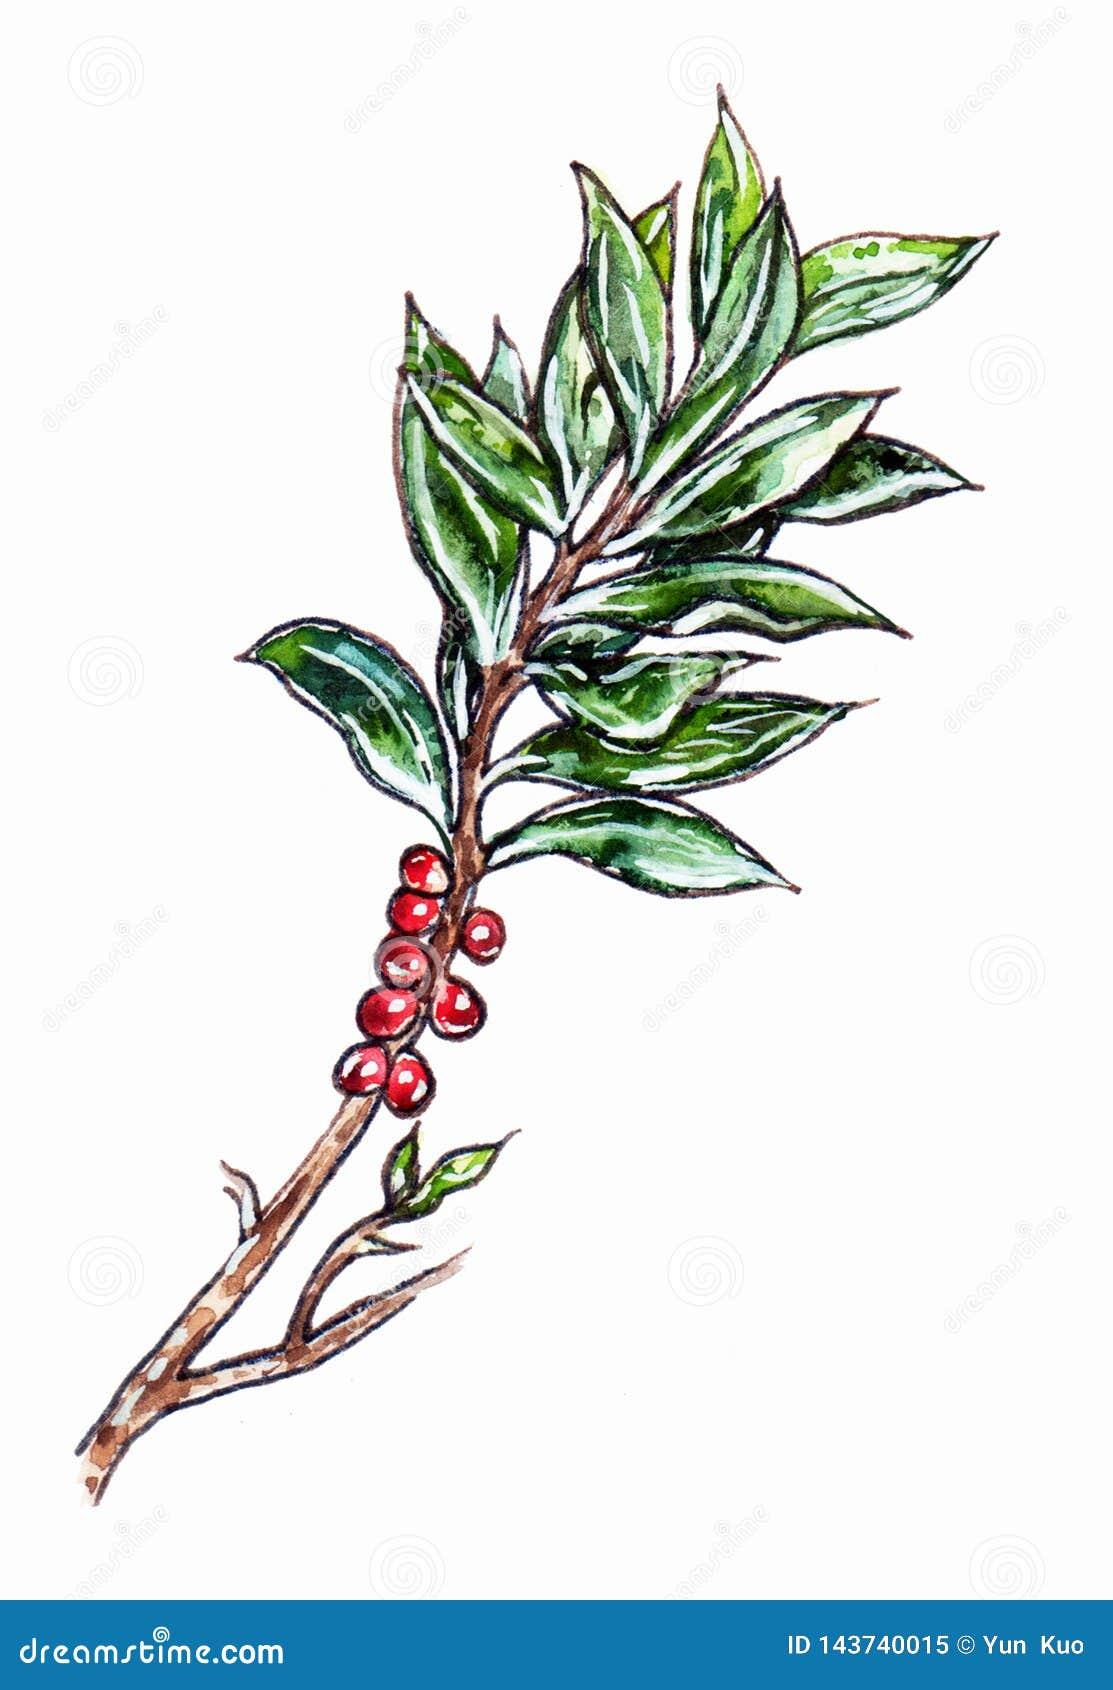 Handgezogene Niederlassung mit grünen Blättern und roten Beeren